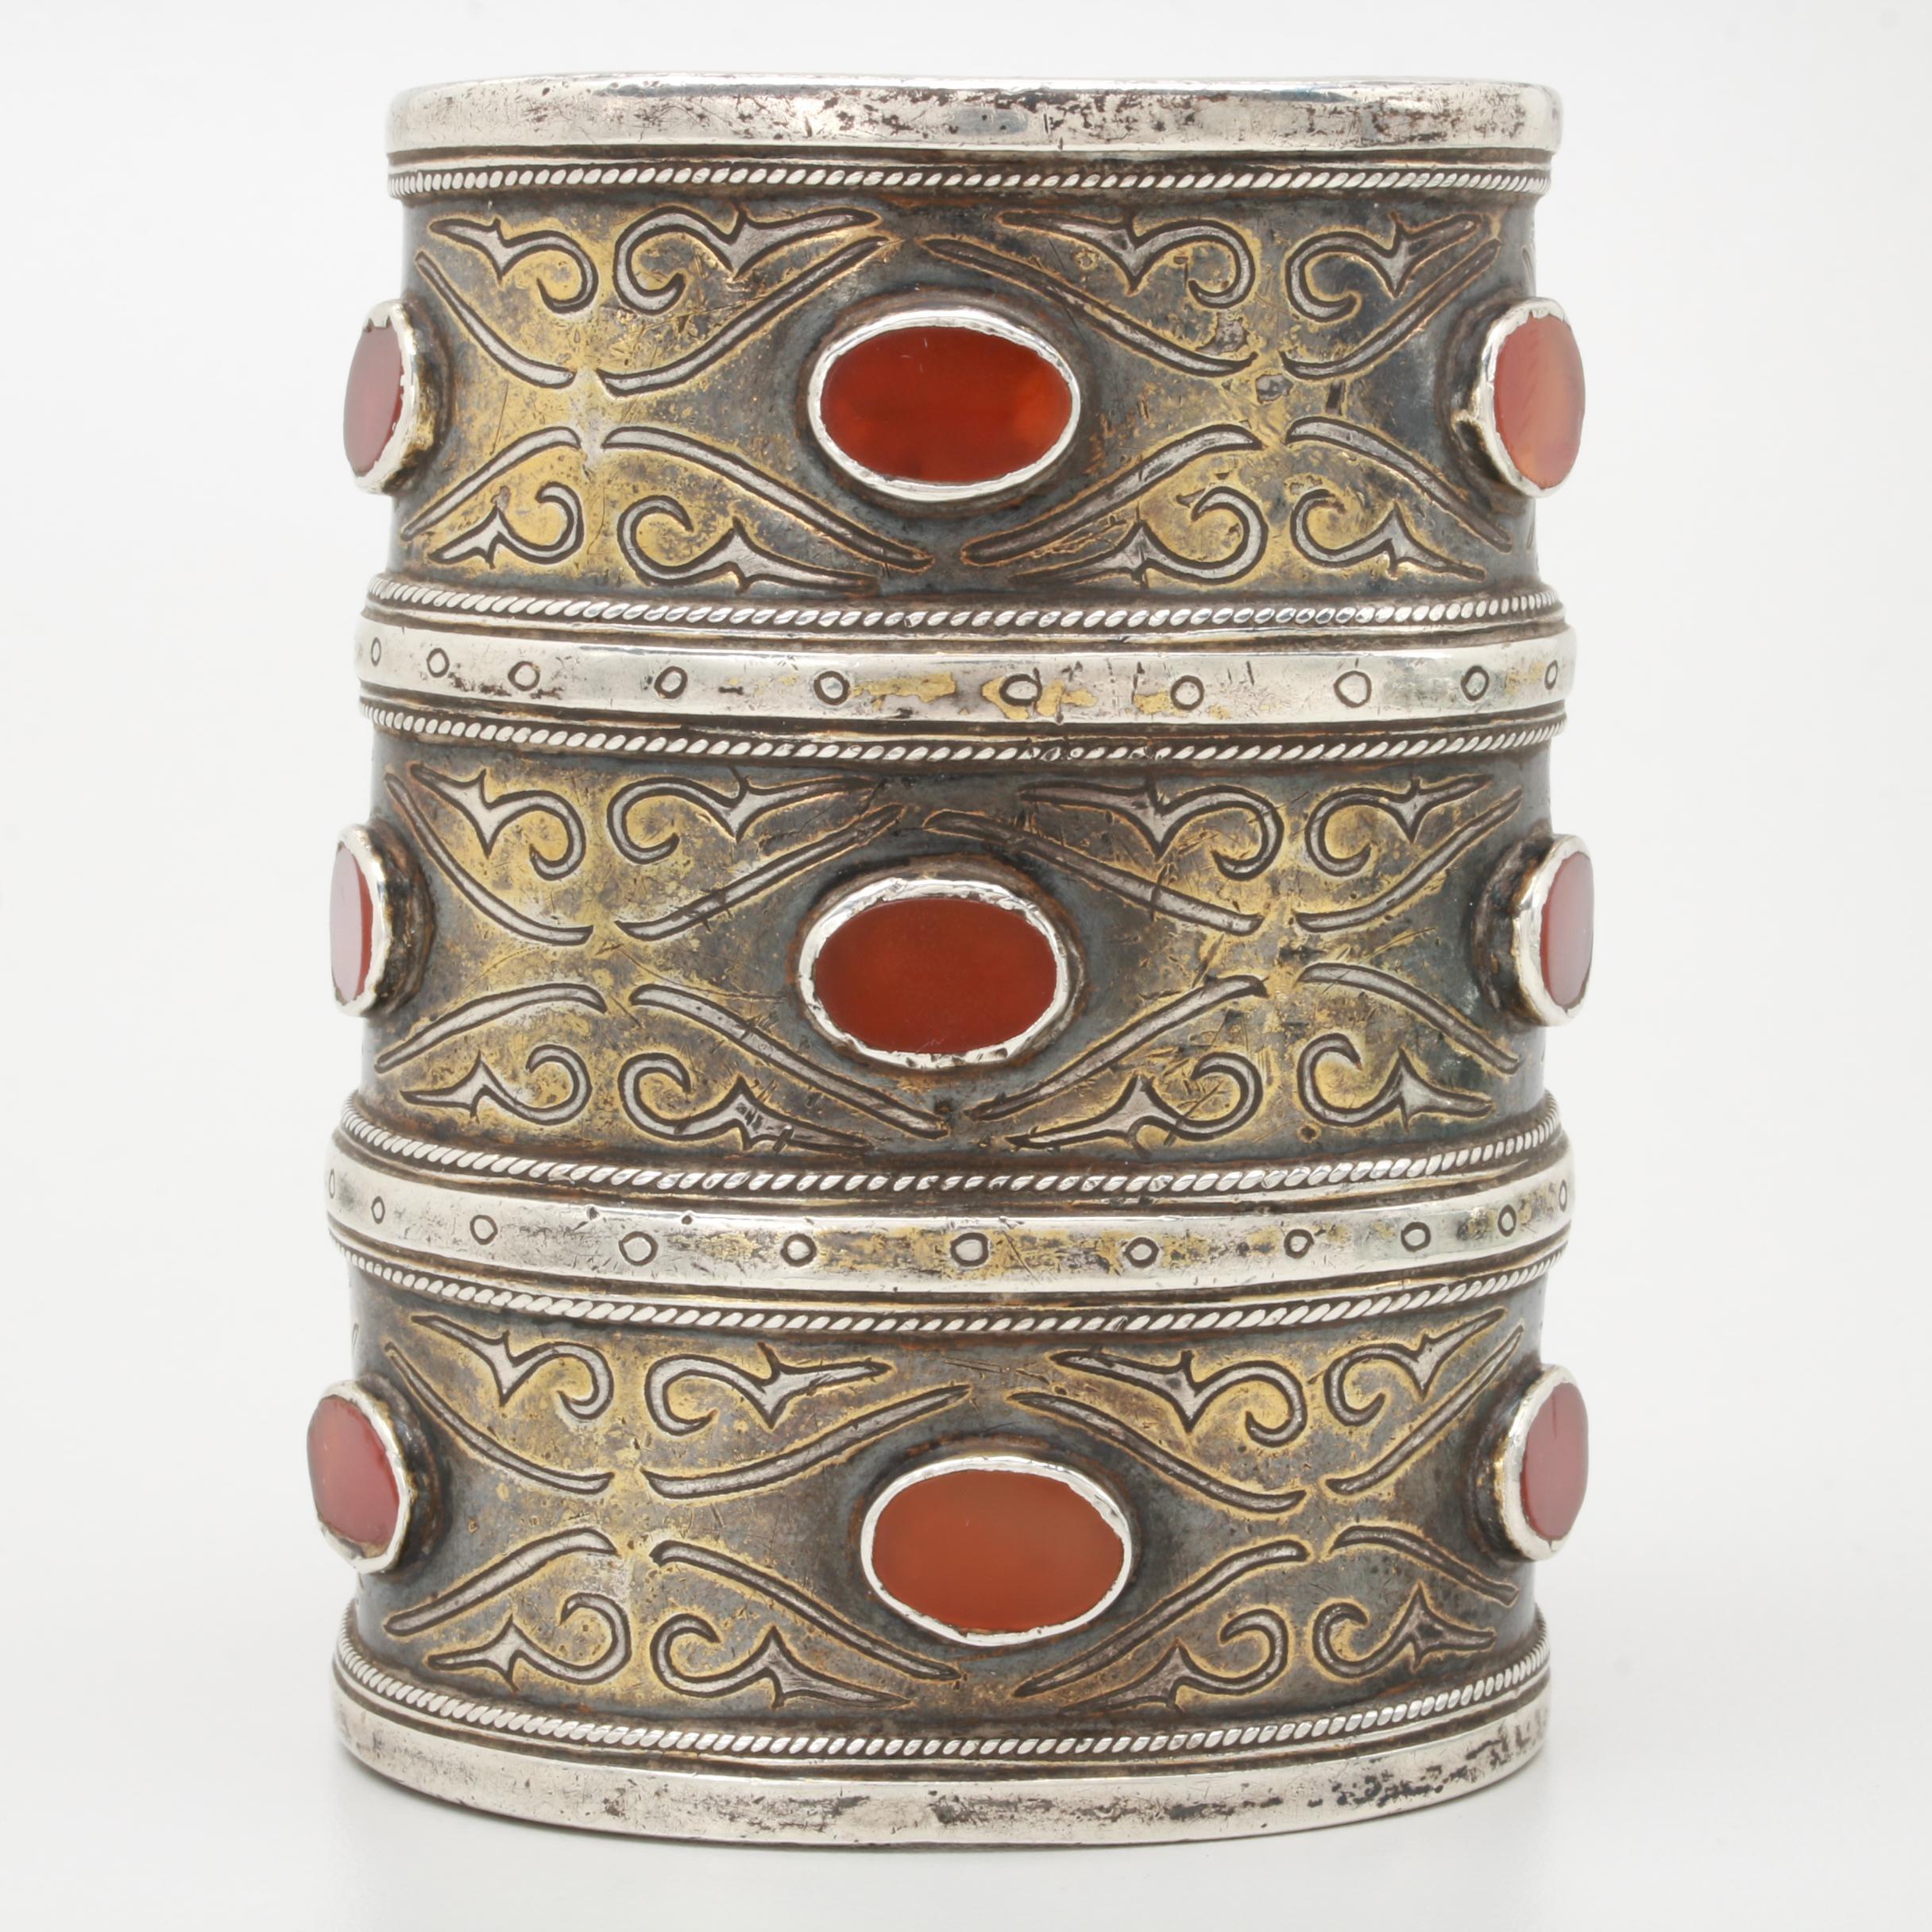 Turkmen Tekke Style Sterling Silver Armband Bracelet with Carnelian